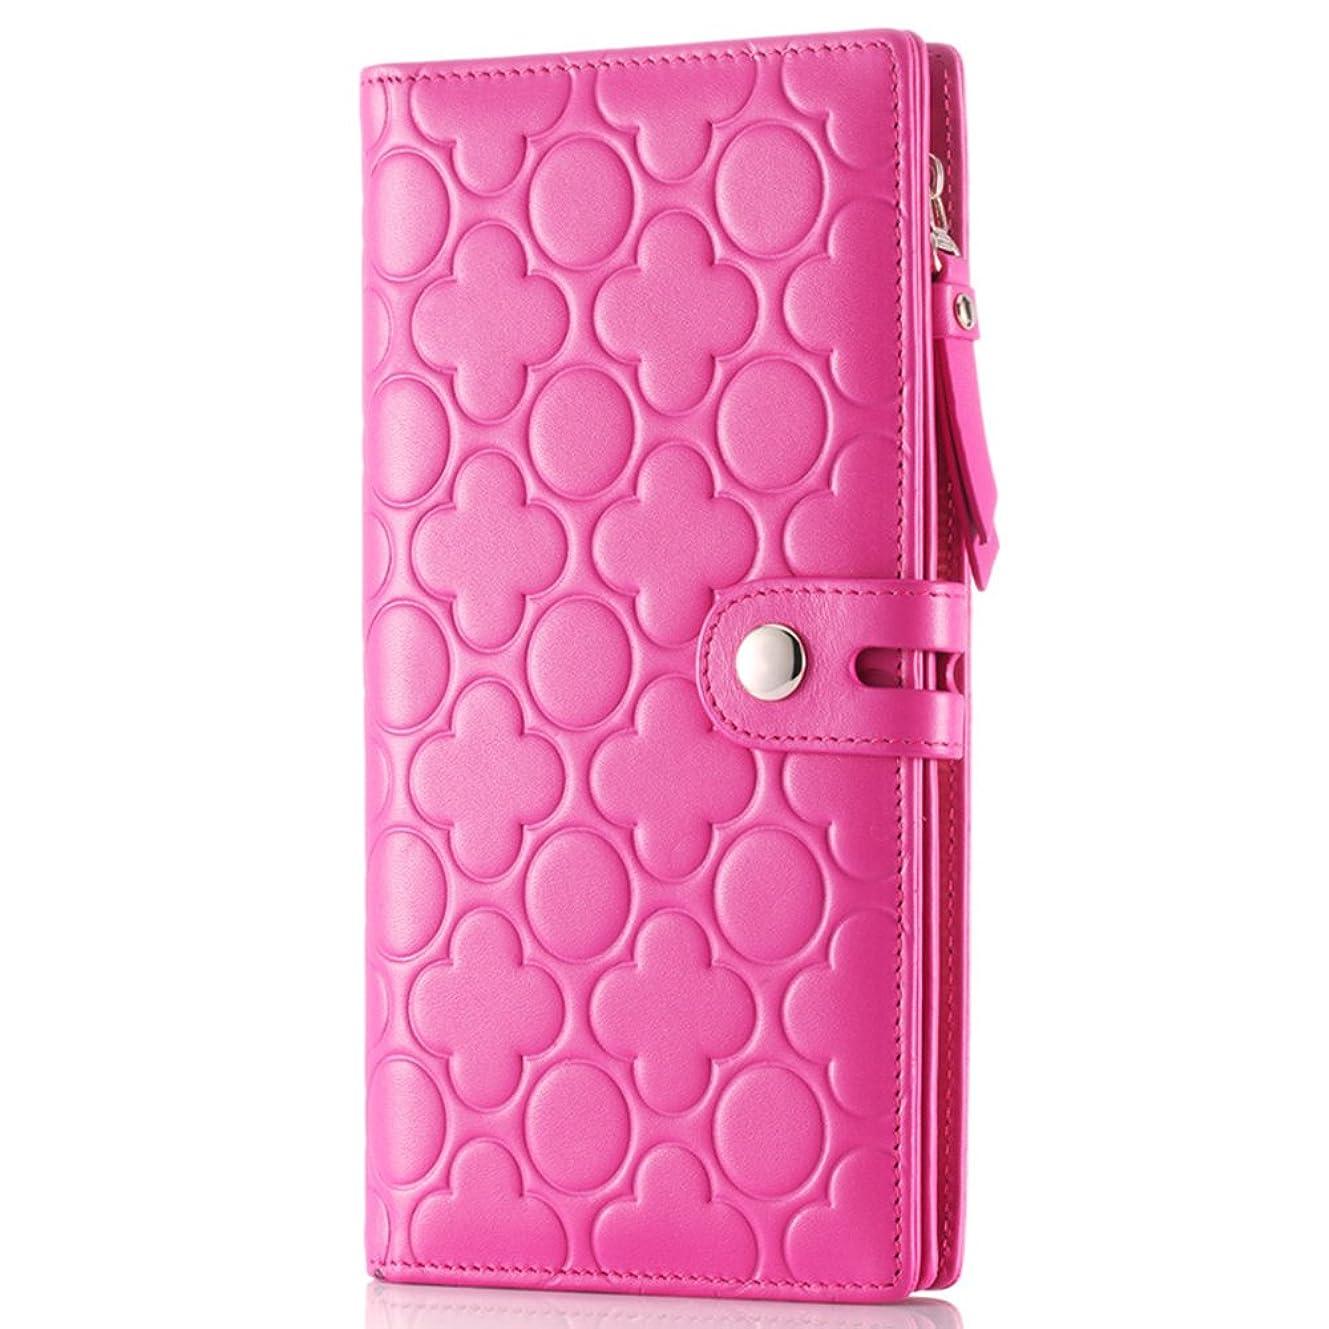 札入れモバイル行進[コンタクトズ]Contacts女性は本革長財布、携帯電話ホルダー、エンボス財布